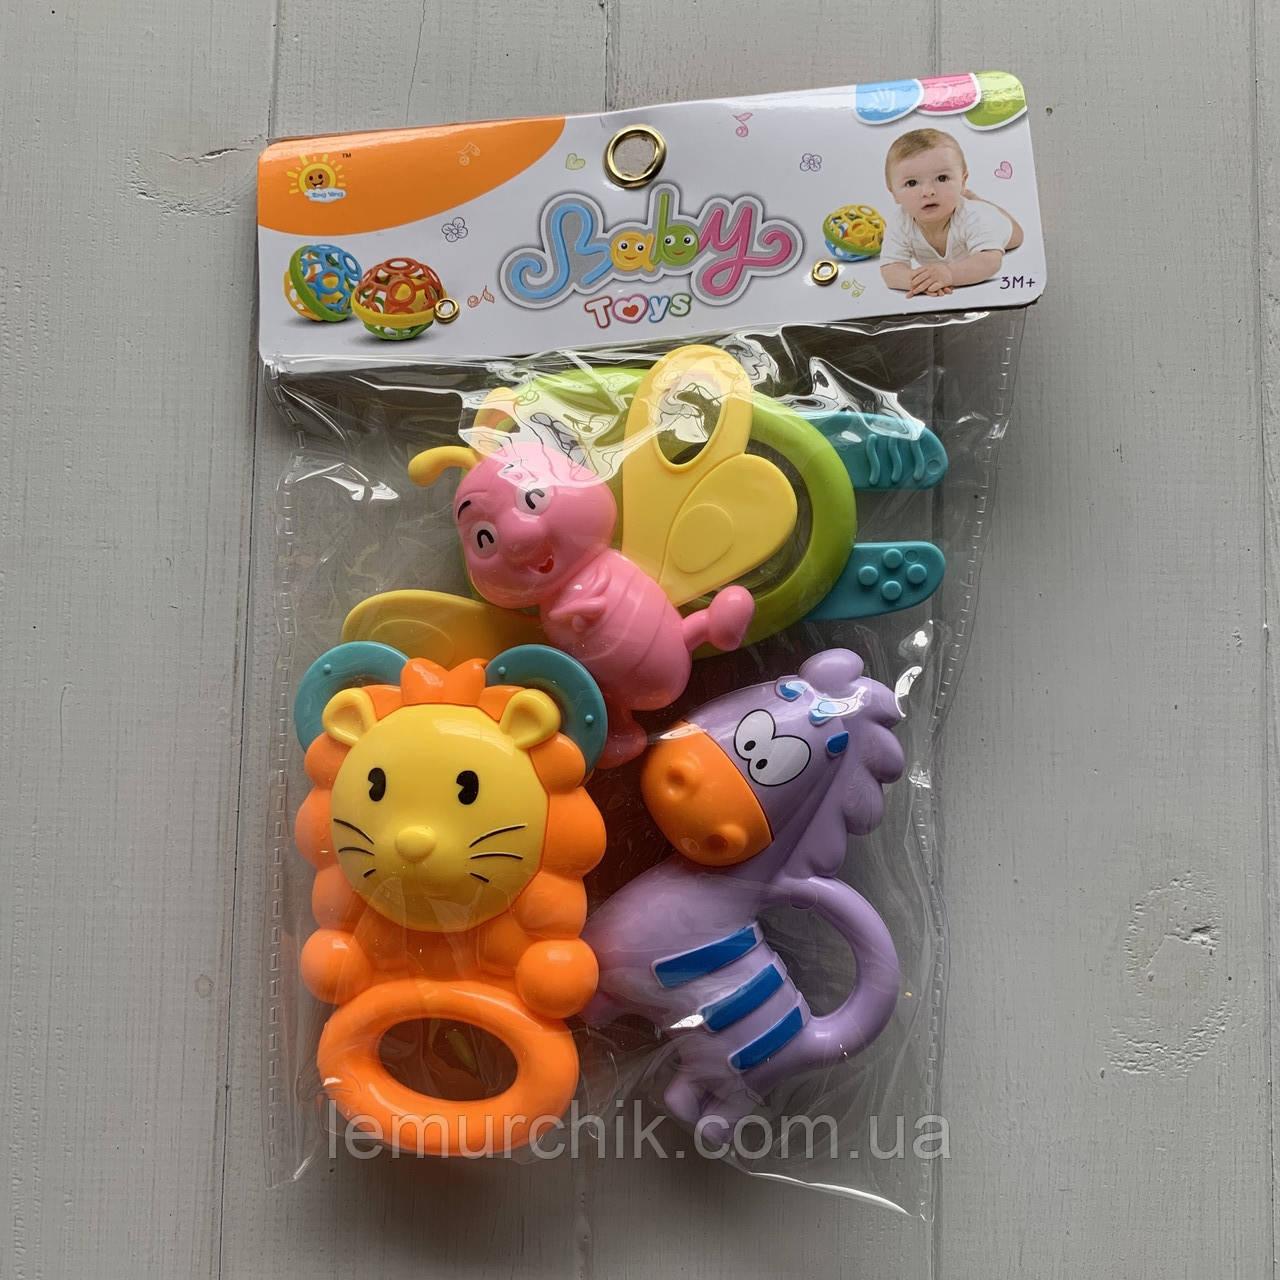 Набір іграшок-брязкалець 4 штуки